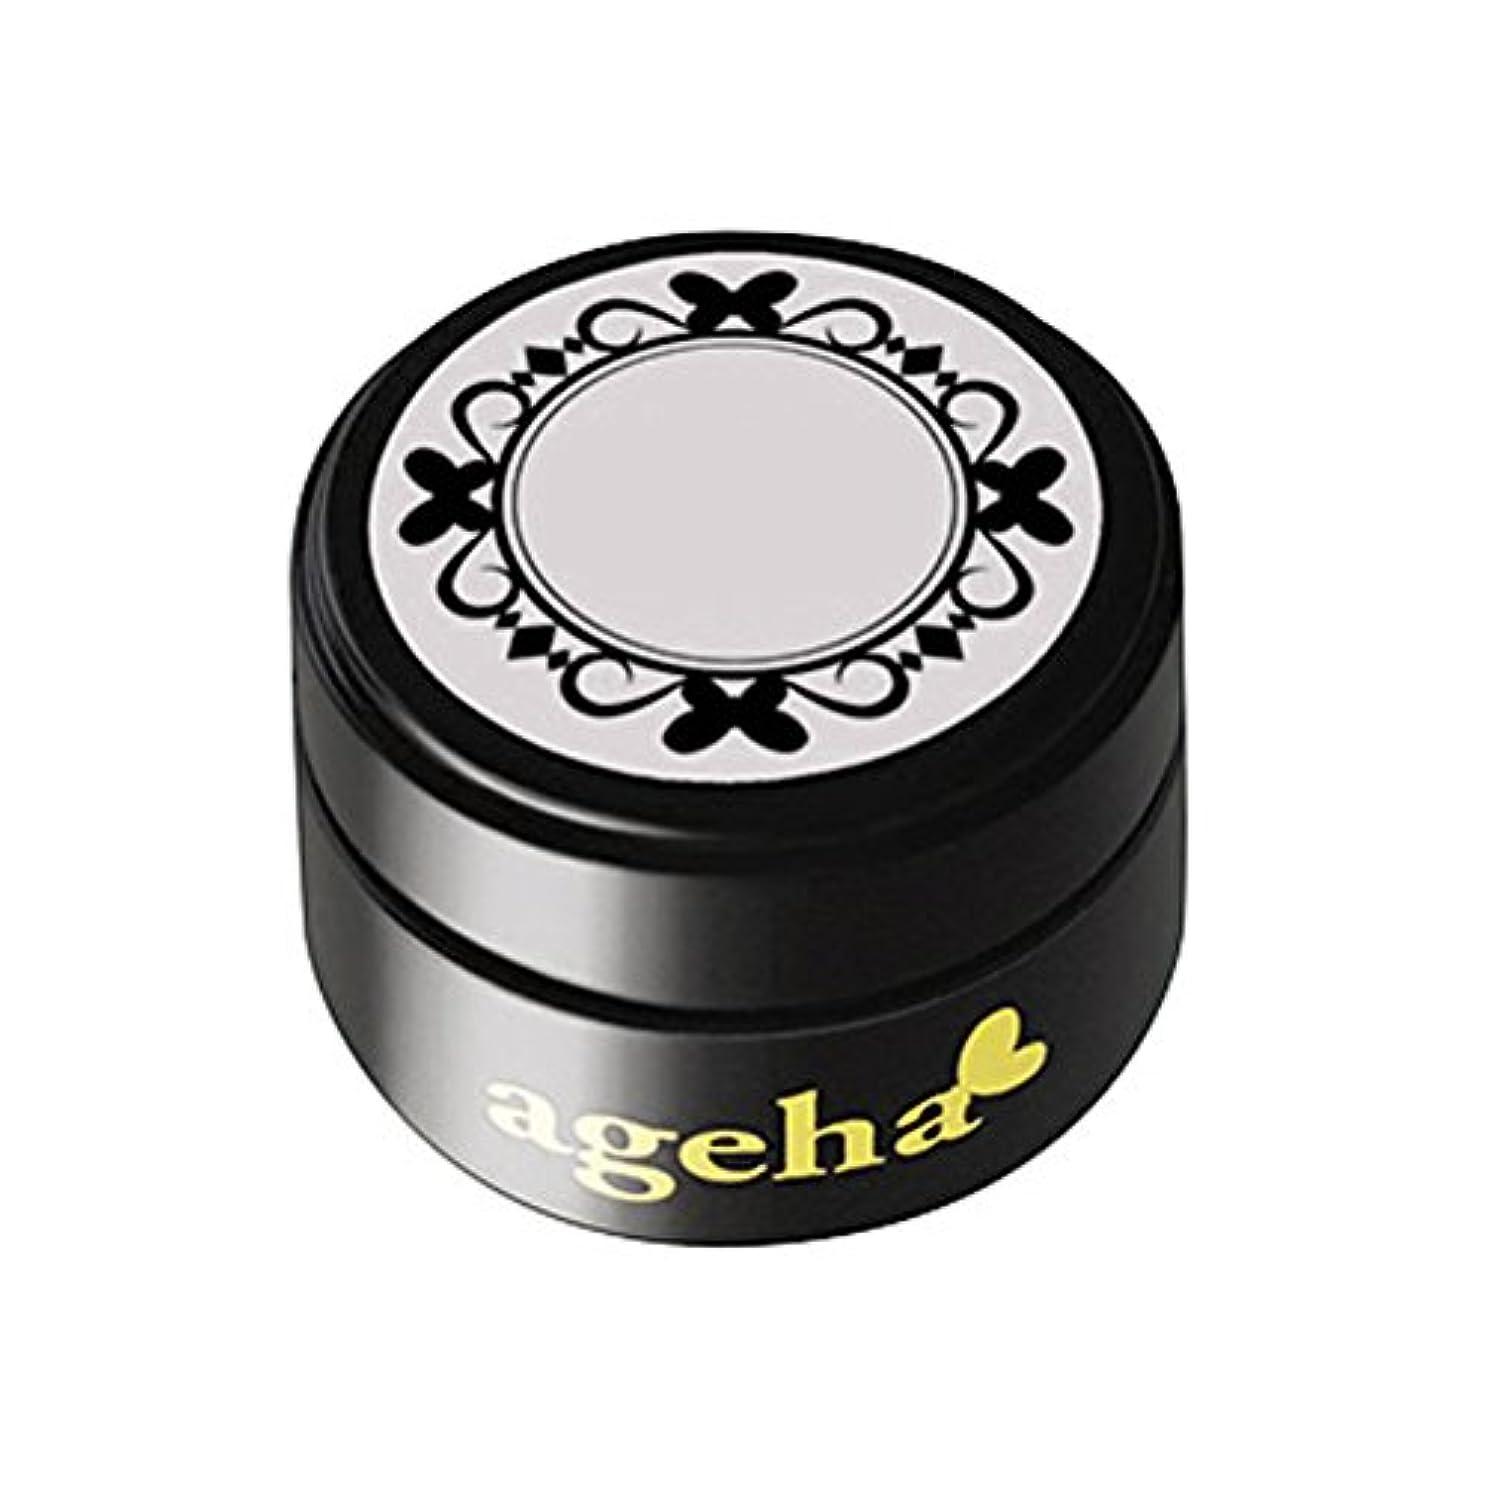 びっくりした大胆なレクリエーションageha gel カラージェル コスメカラー 109 ダーティークリーム